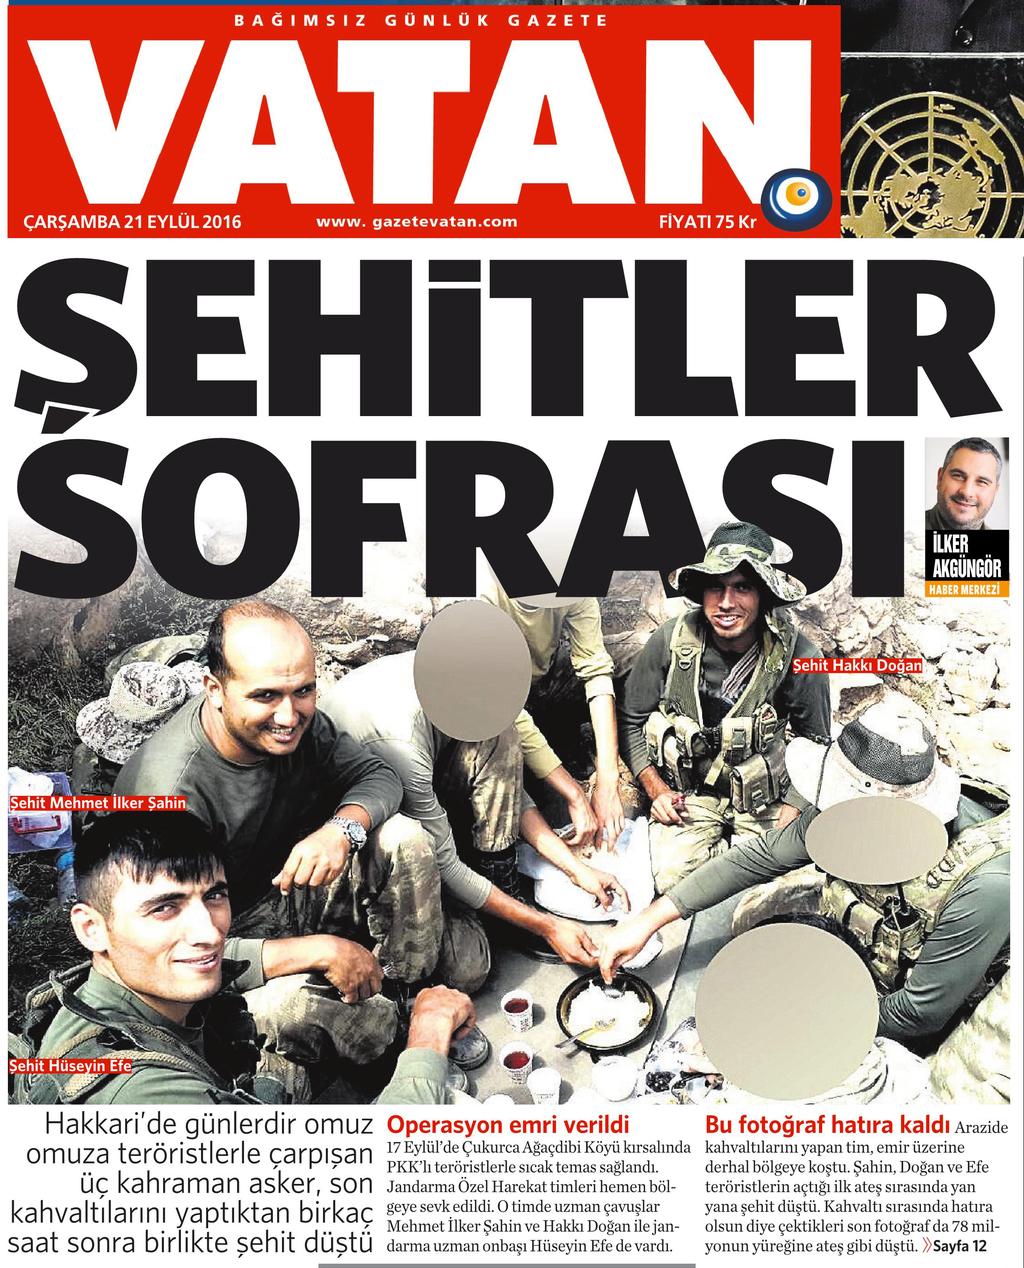 21 Eylül 2016 Vatan Gazetesi 1. sayfa